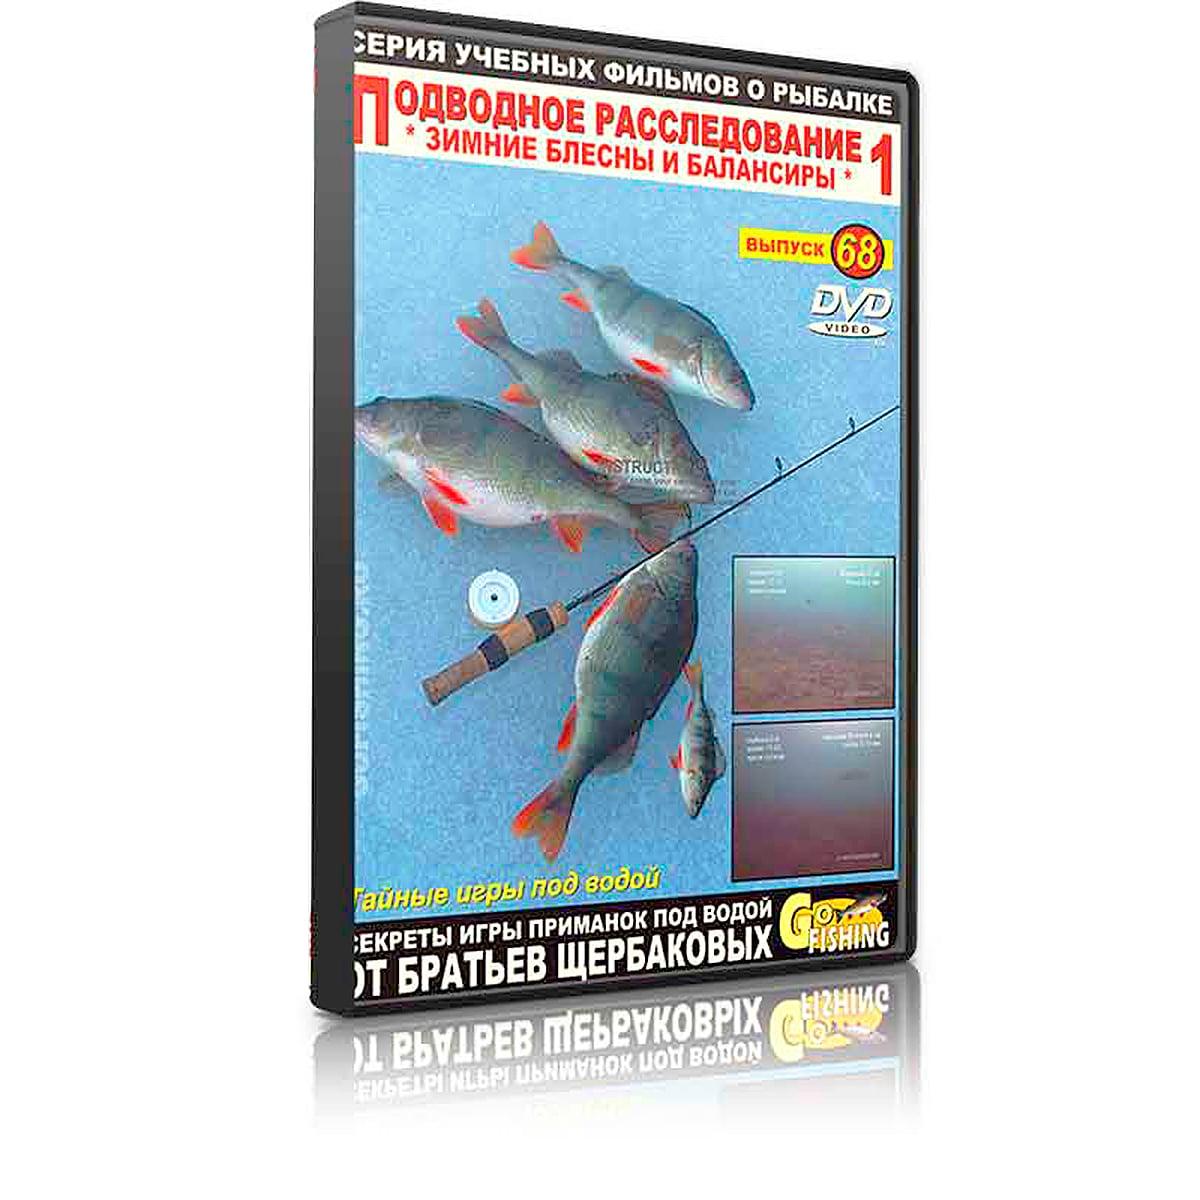 Способы ловли налима - Секреты успешной рыбалки